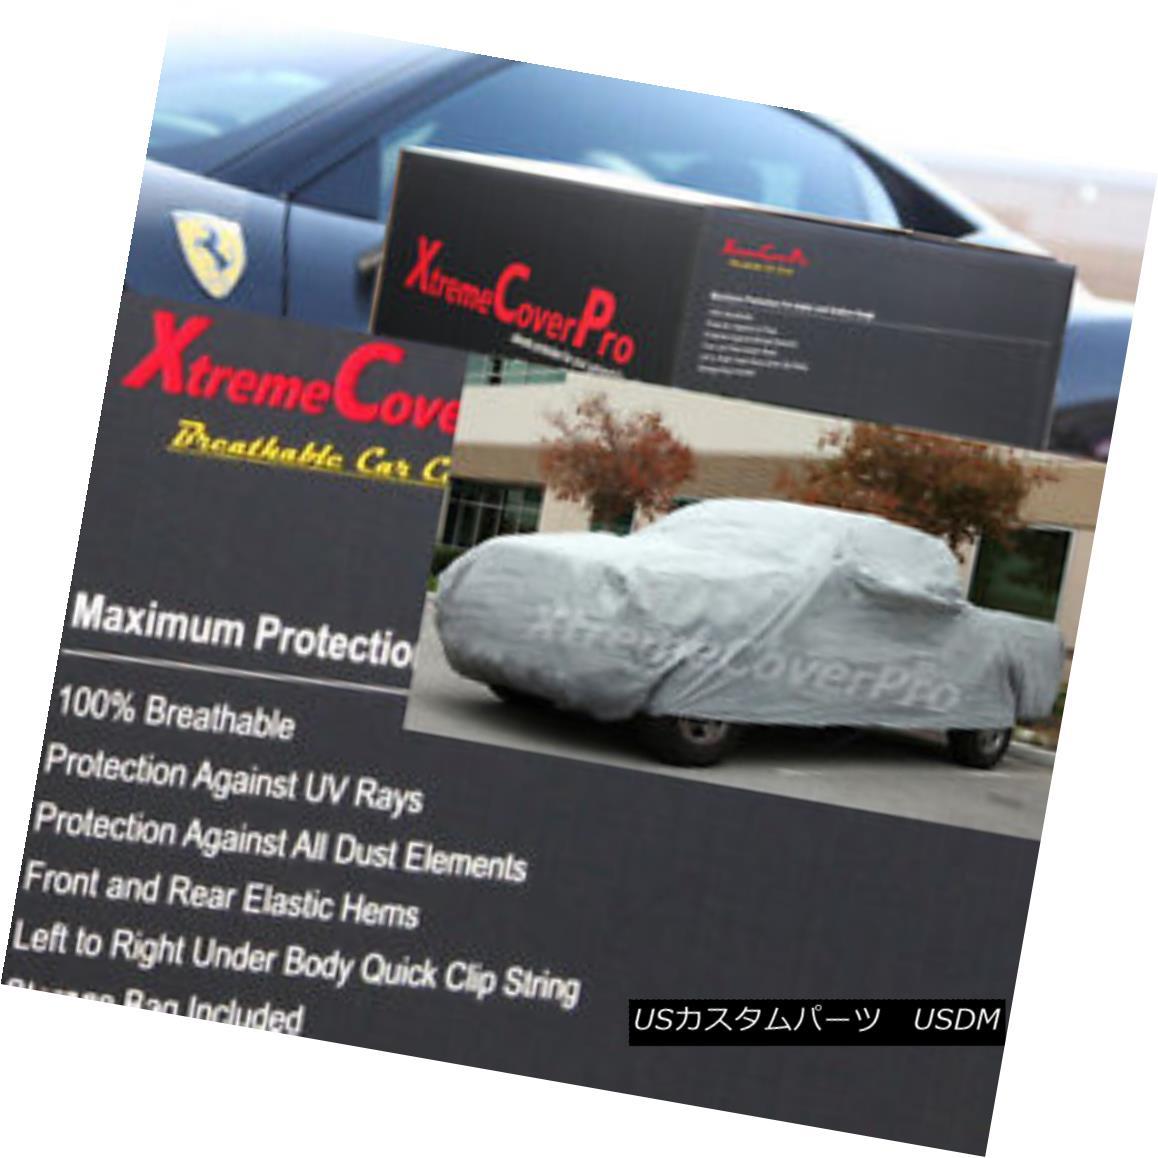 カーカバー 2013 Dodge RAM 2500 Crew Cab 6.4ft Box Breathable Car Cover 2013ダッジRAM 2500クルーキャブ6.4フィートボックス通気性車カバー